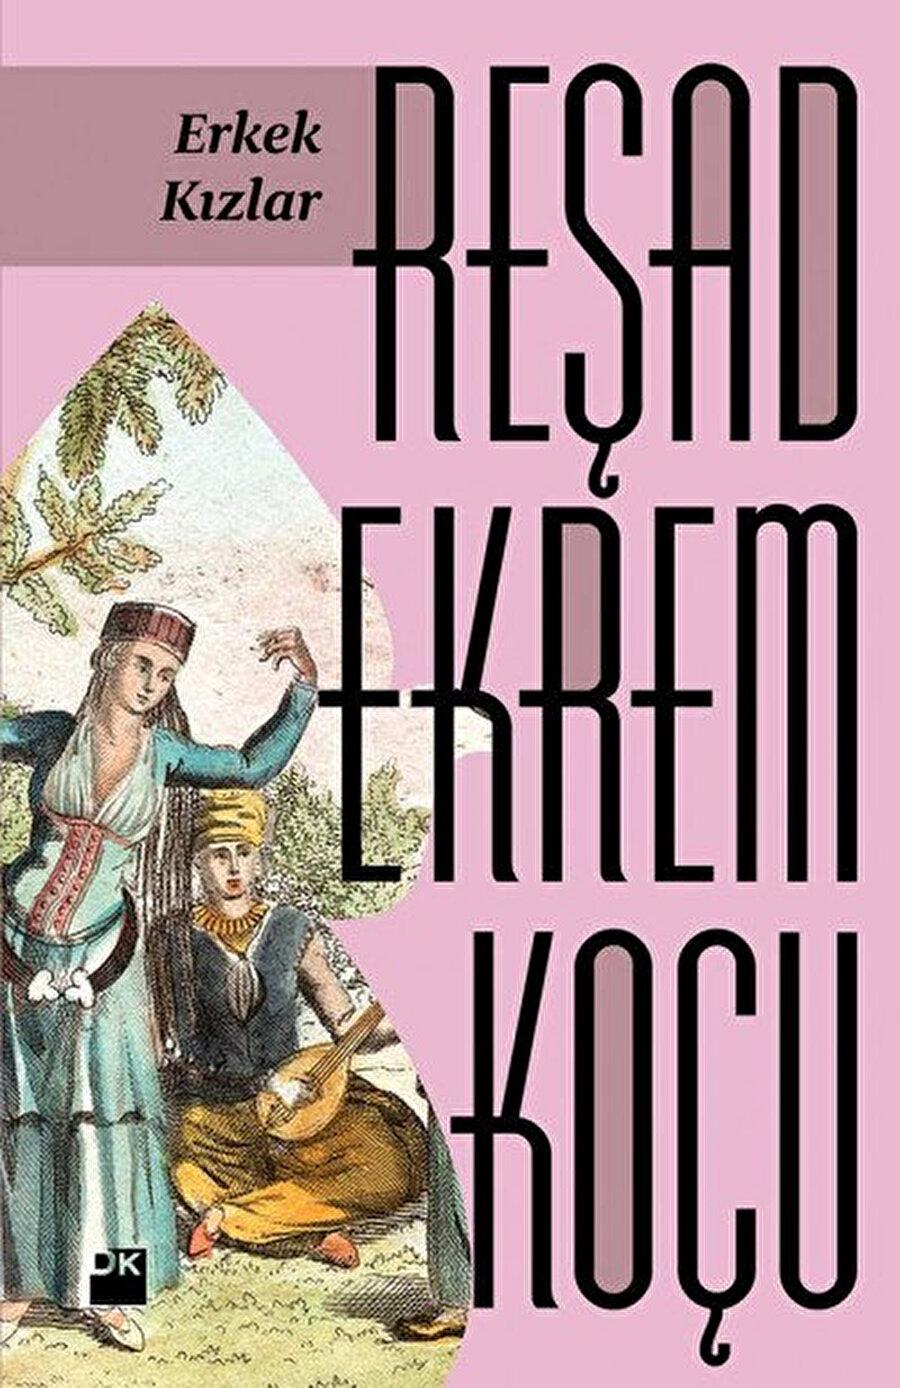 Beççe pûş uygulaması ile karşılaştığımda aklıma Reşat Ekrem Koçu'nun Erkek Kızlar kitabı geliyor